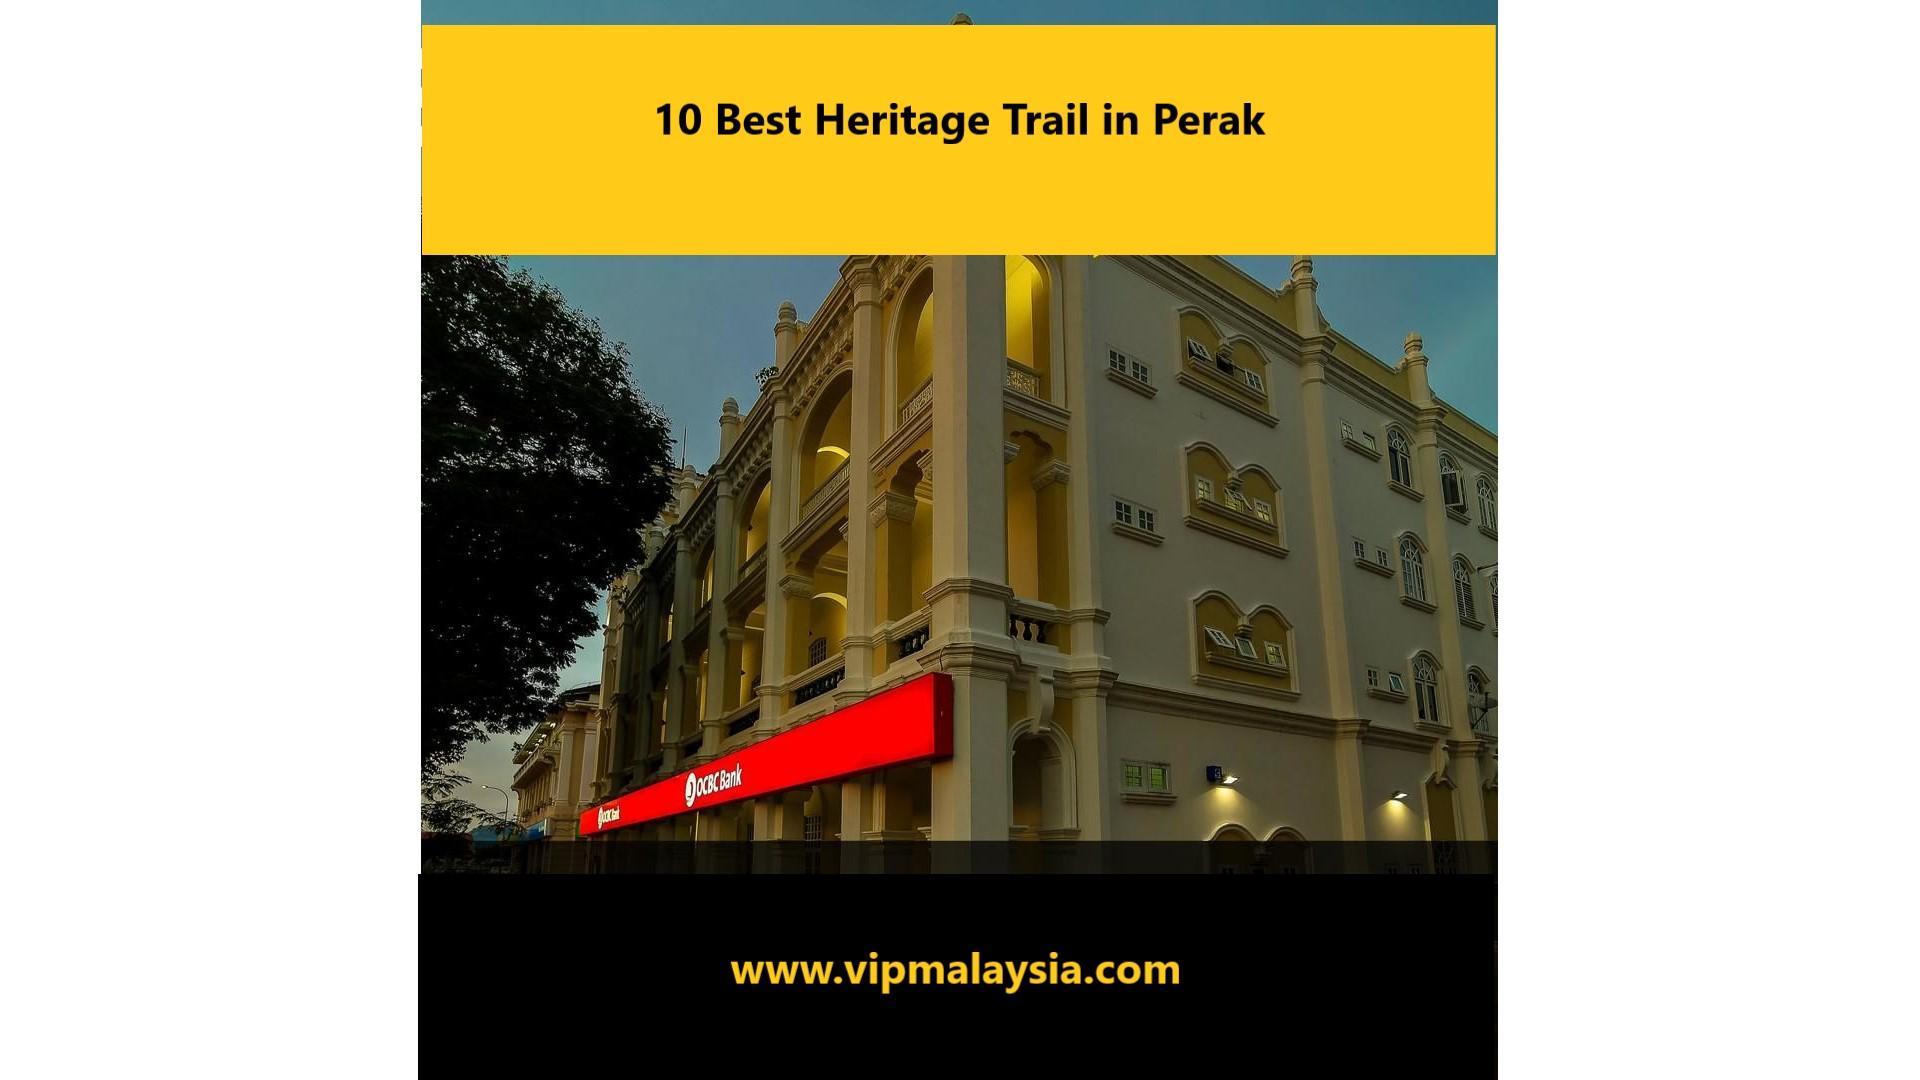 Heritage Trail in Ipoh Perak Malaysia